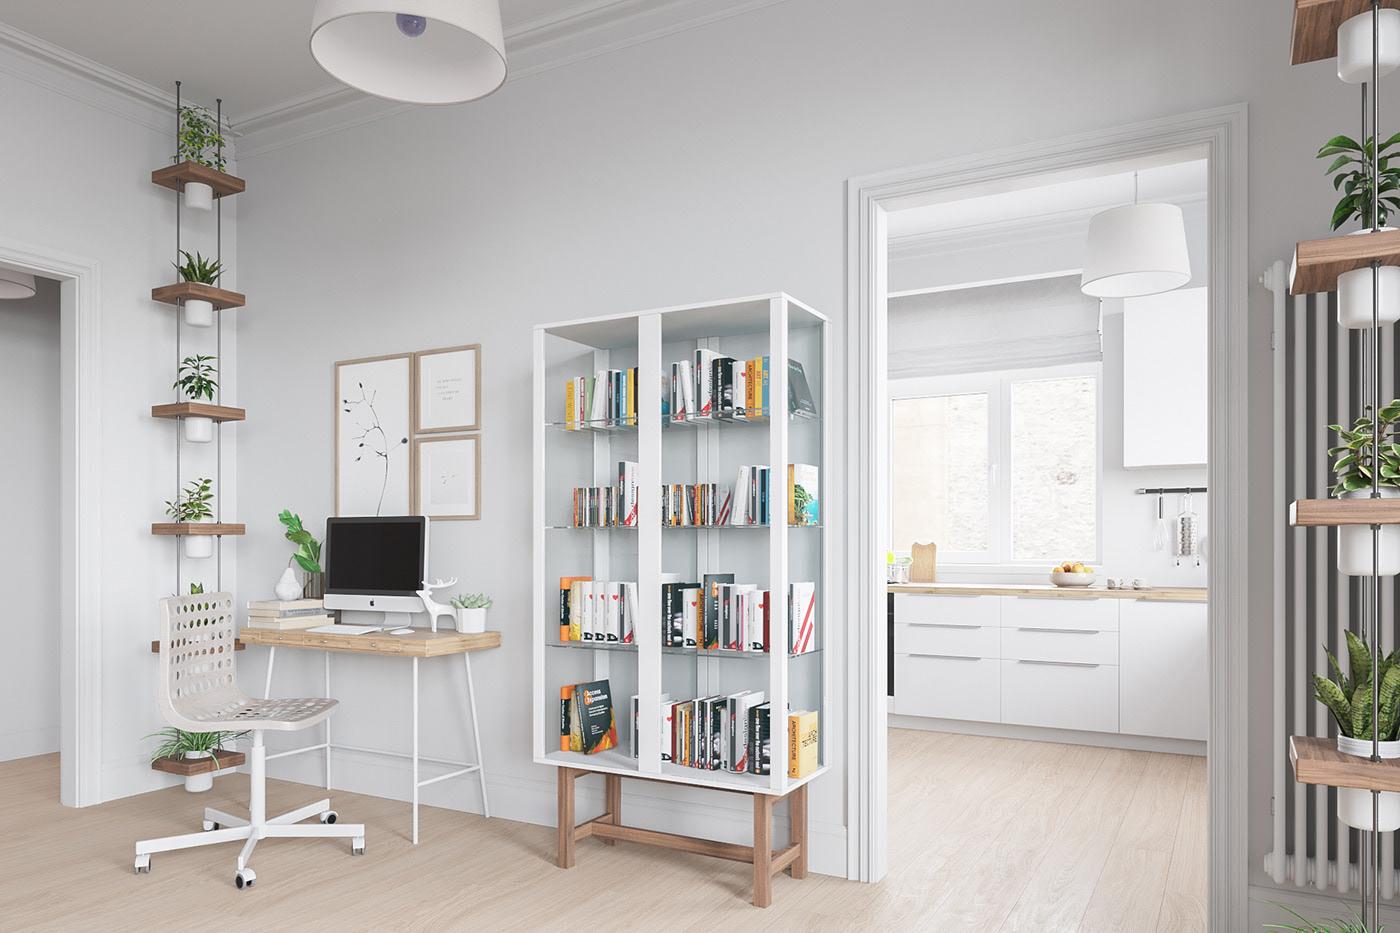 北欧简约风格公寓装修书架设计图